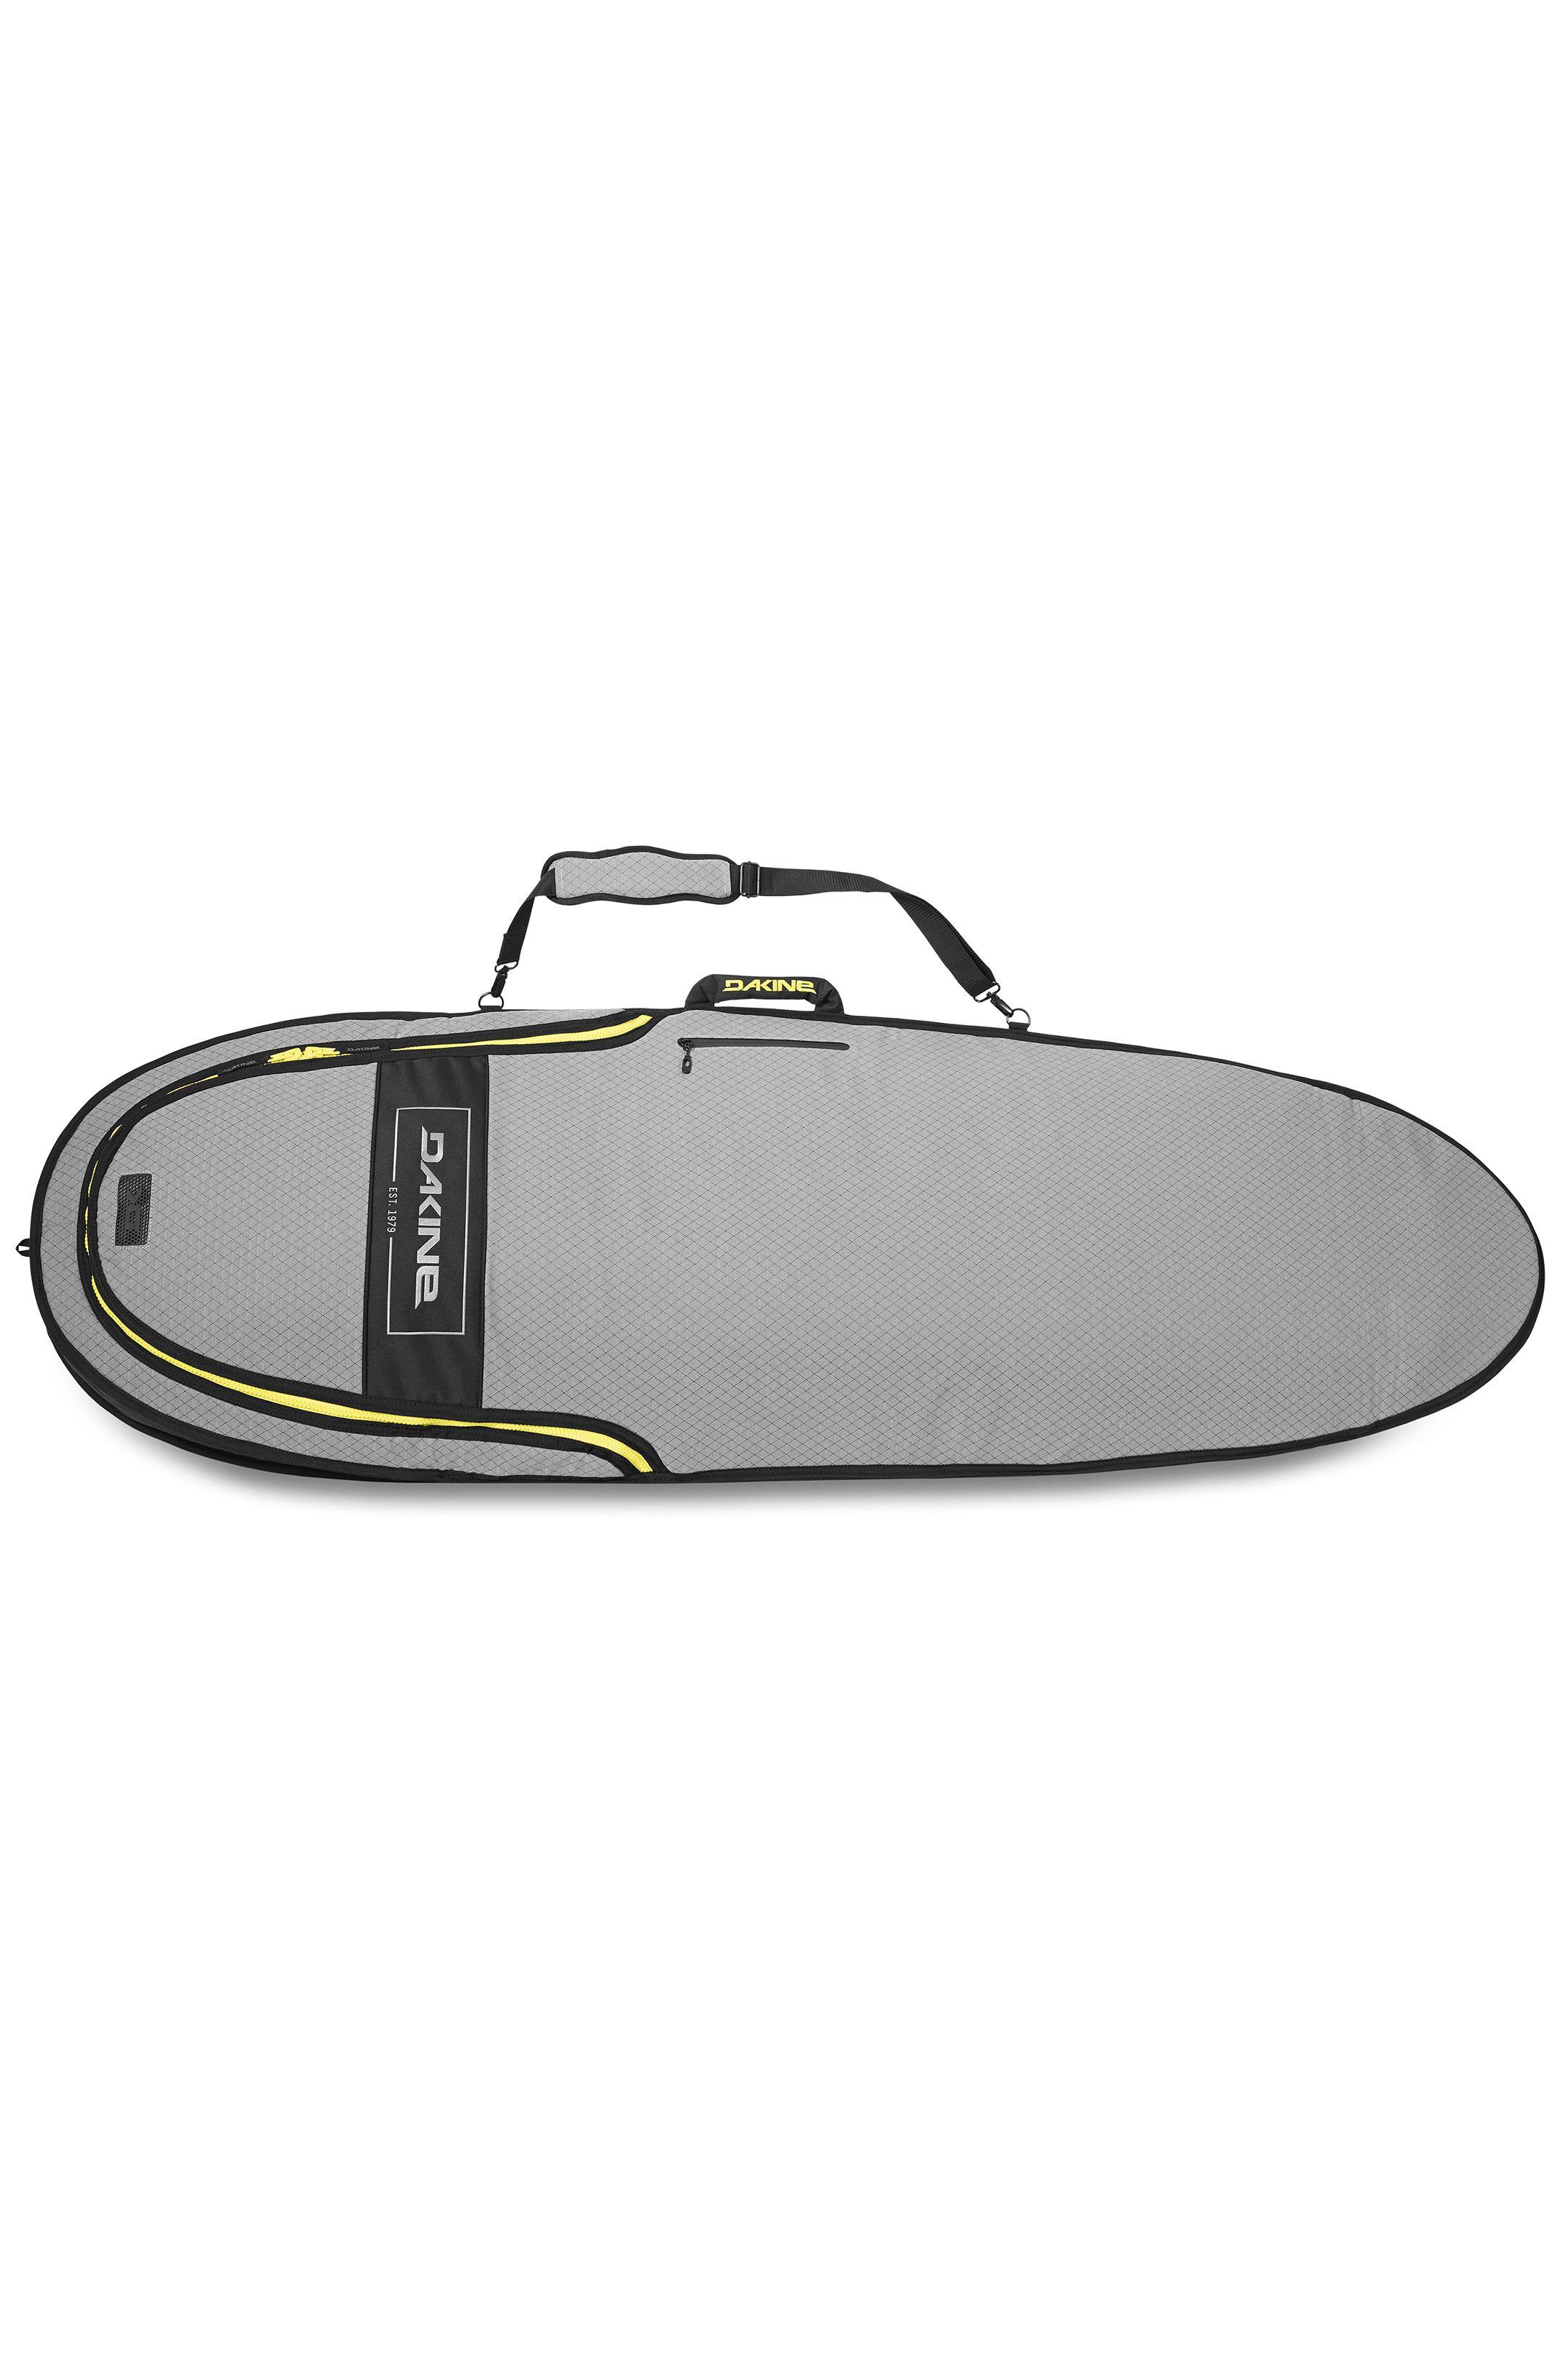 Dakine Boardbag 6'3 MISSION SURFBOARD BAG HYBRID Carbon